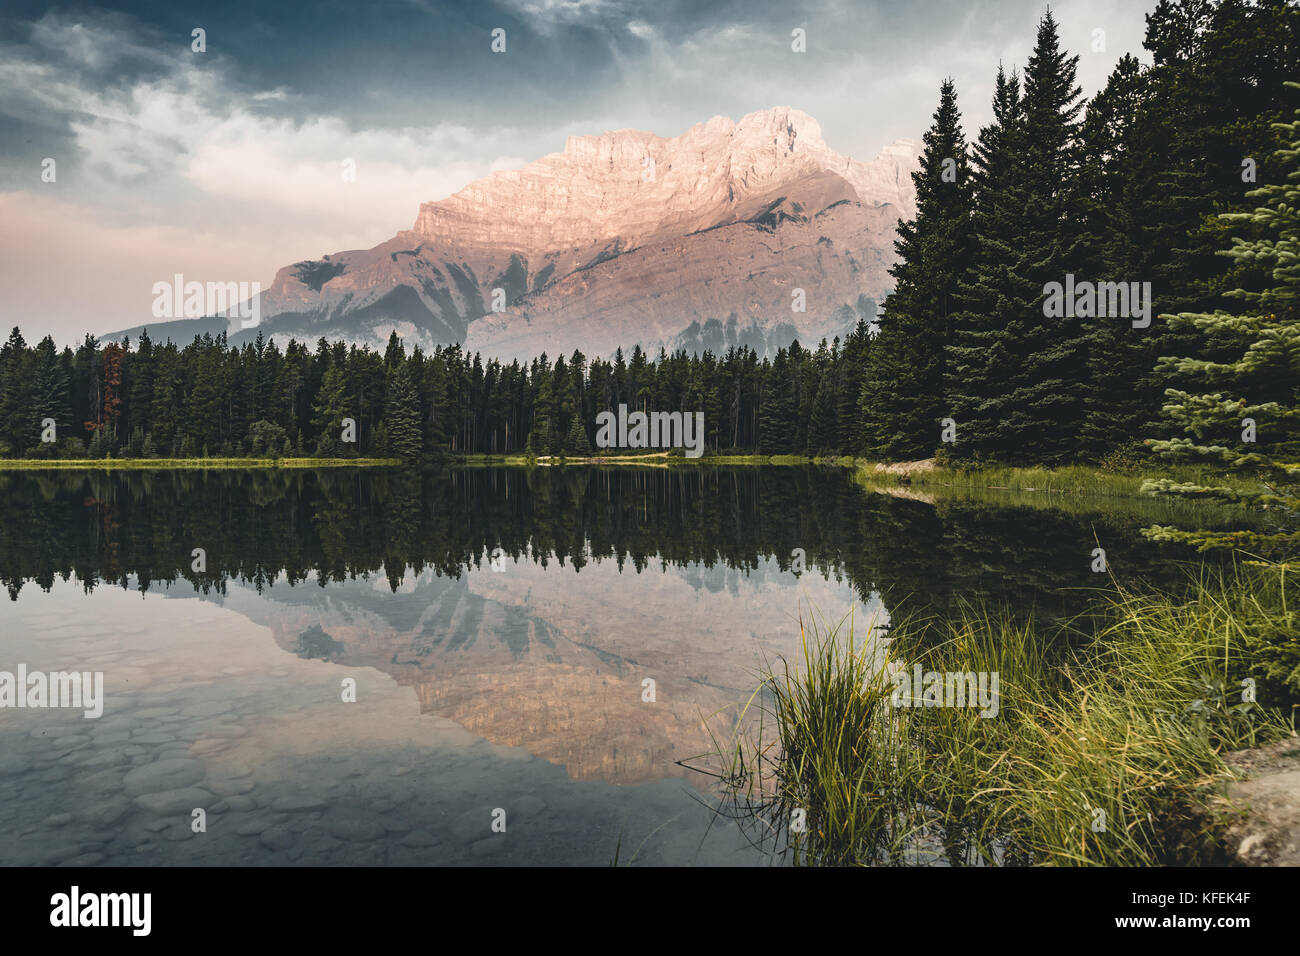 Dos gatos de lago con reflejos de montaña a lo largo de los dos gatos de lago Imagen De Stock